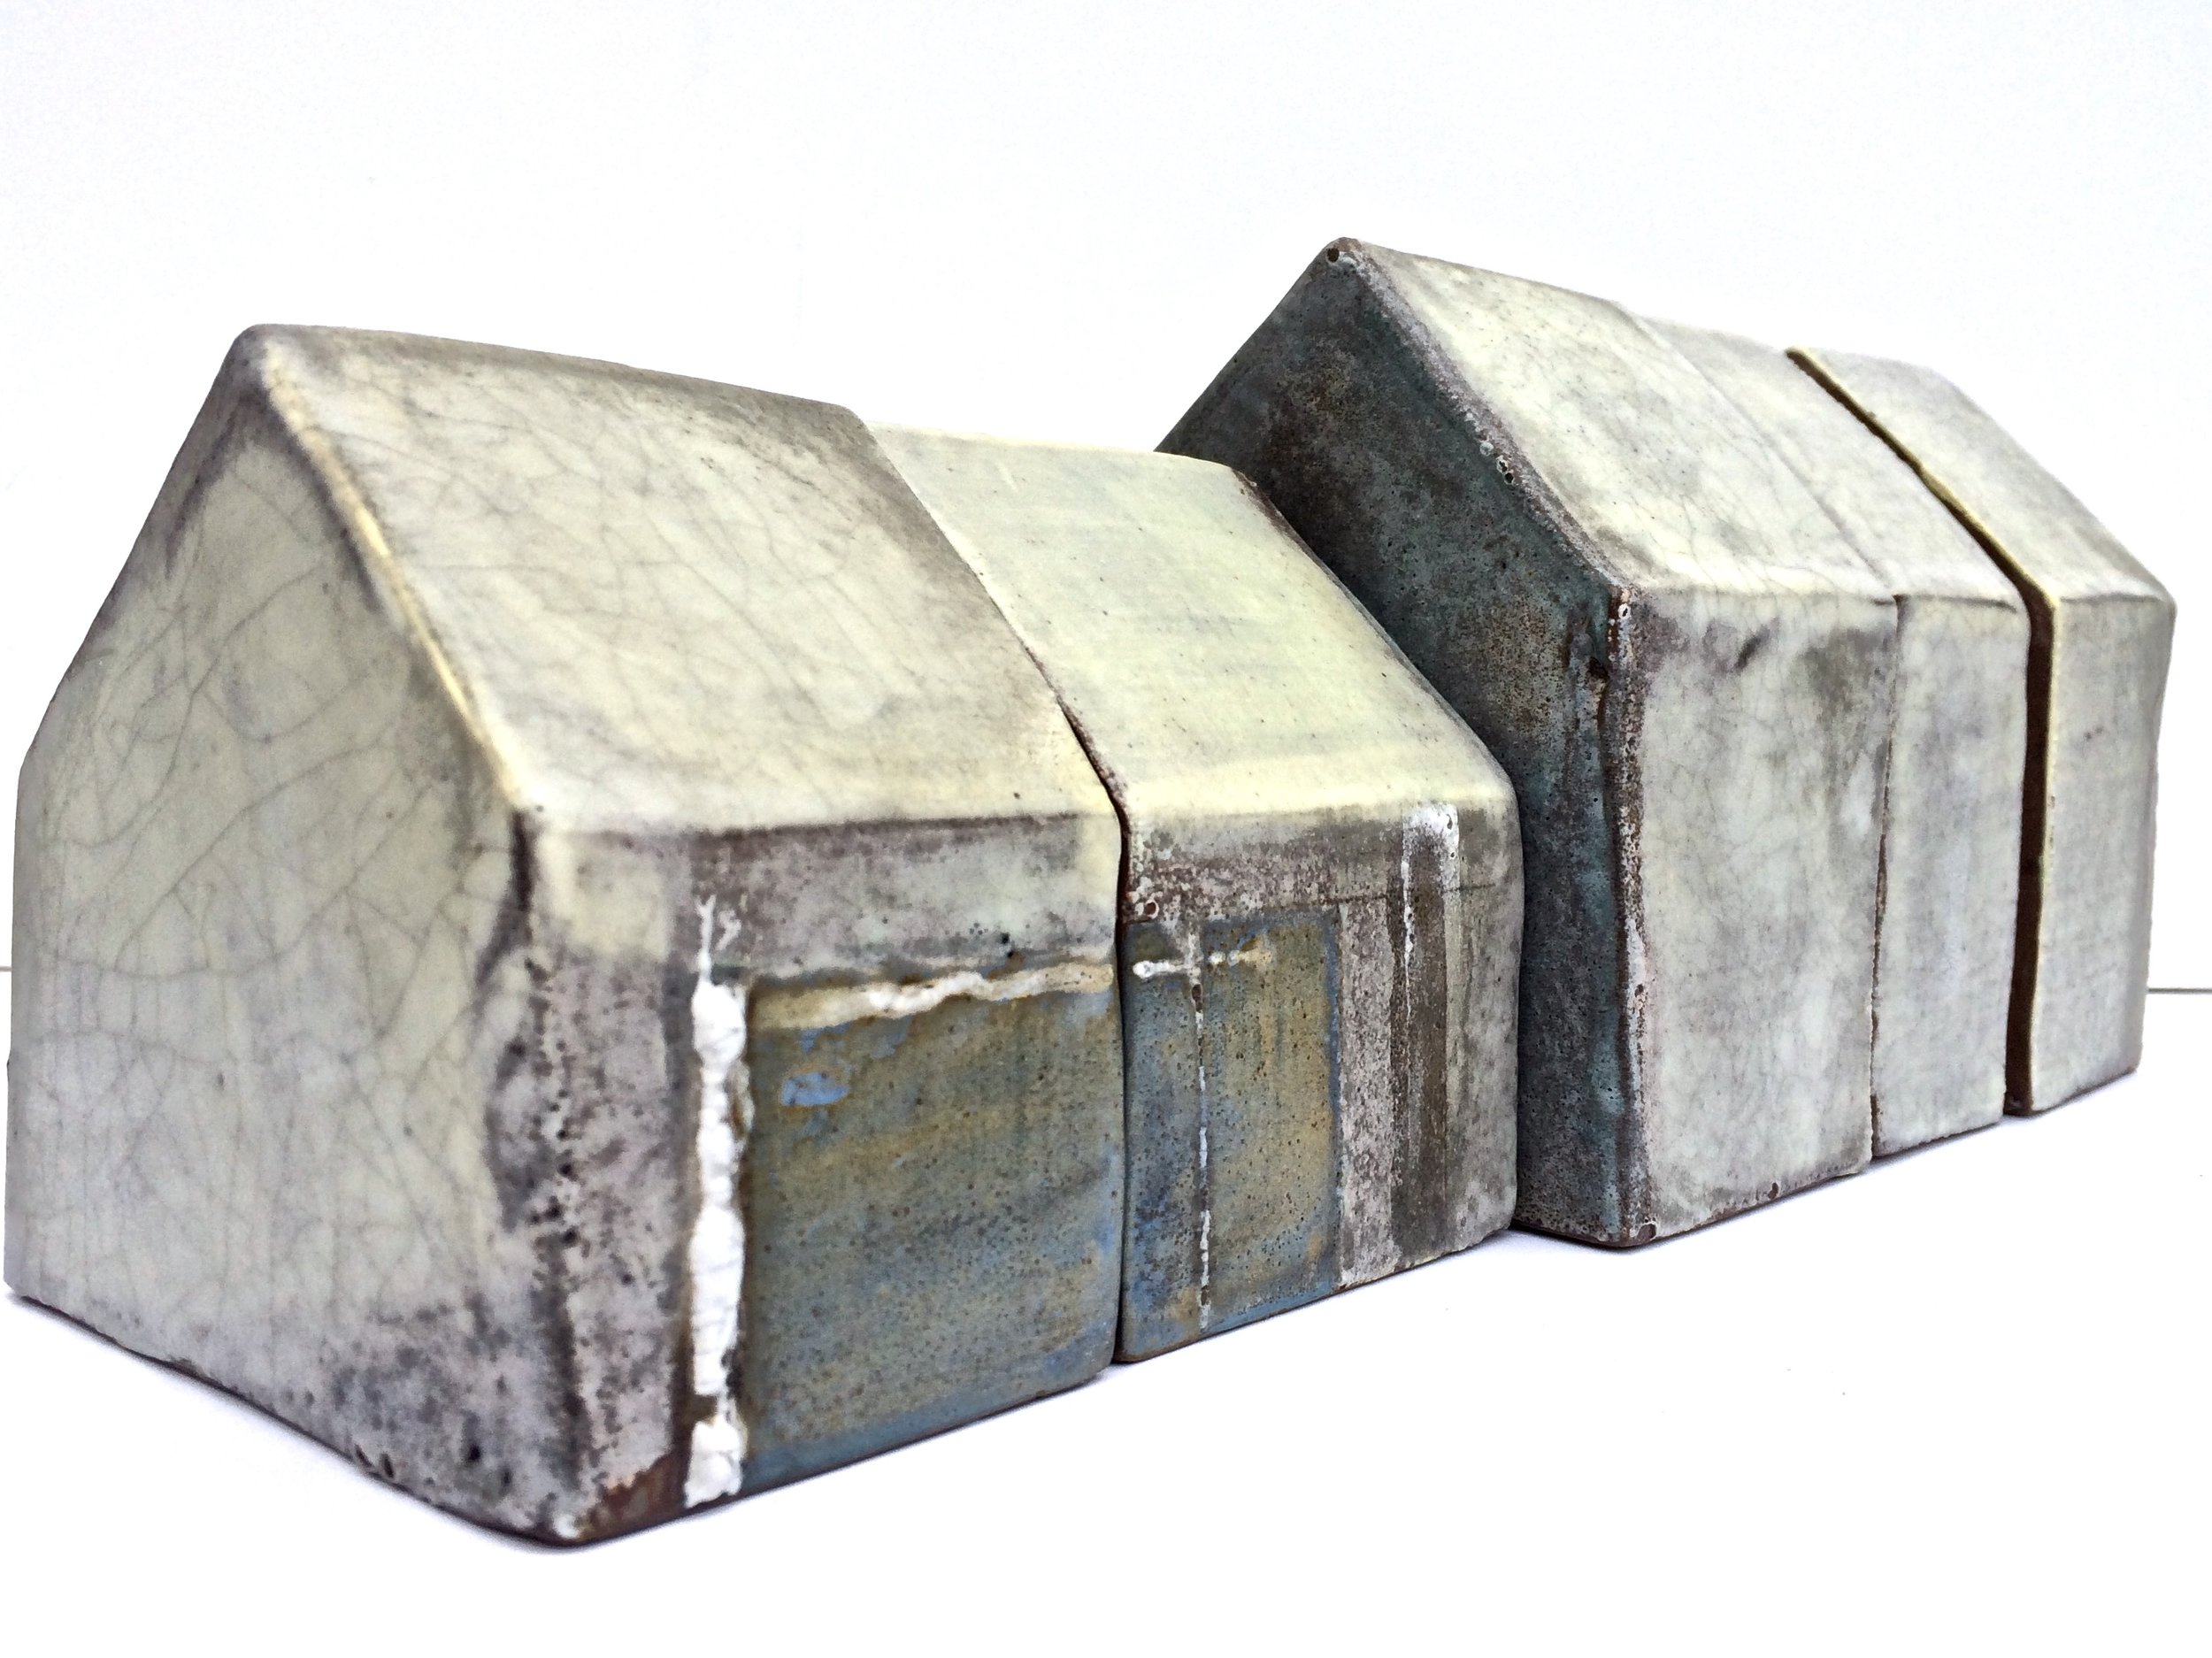 Sculpture in five pieces